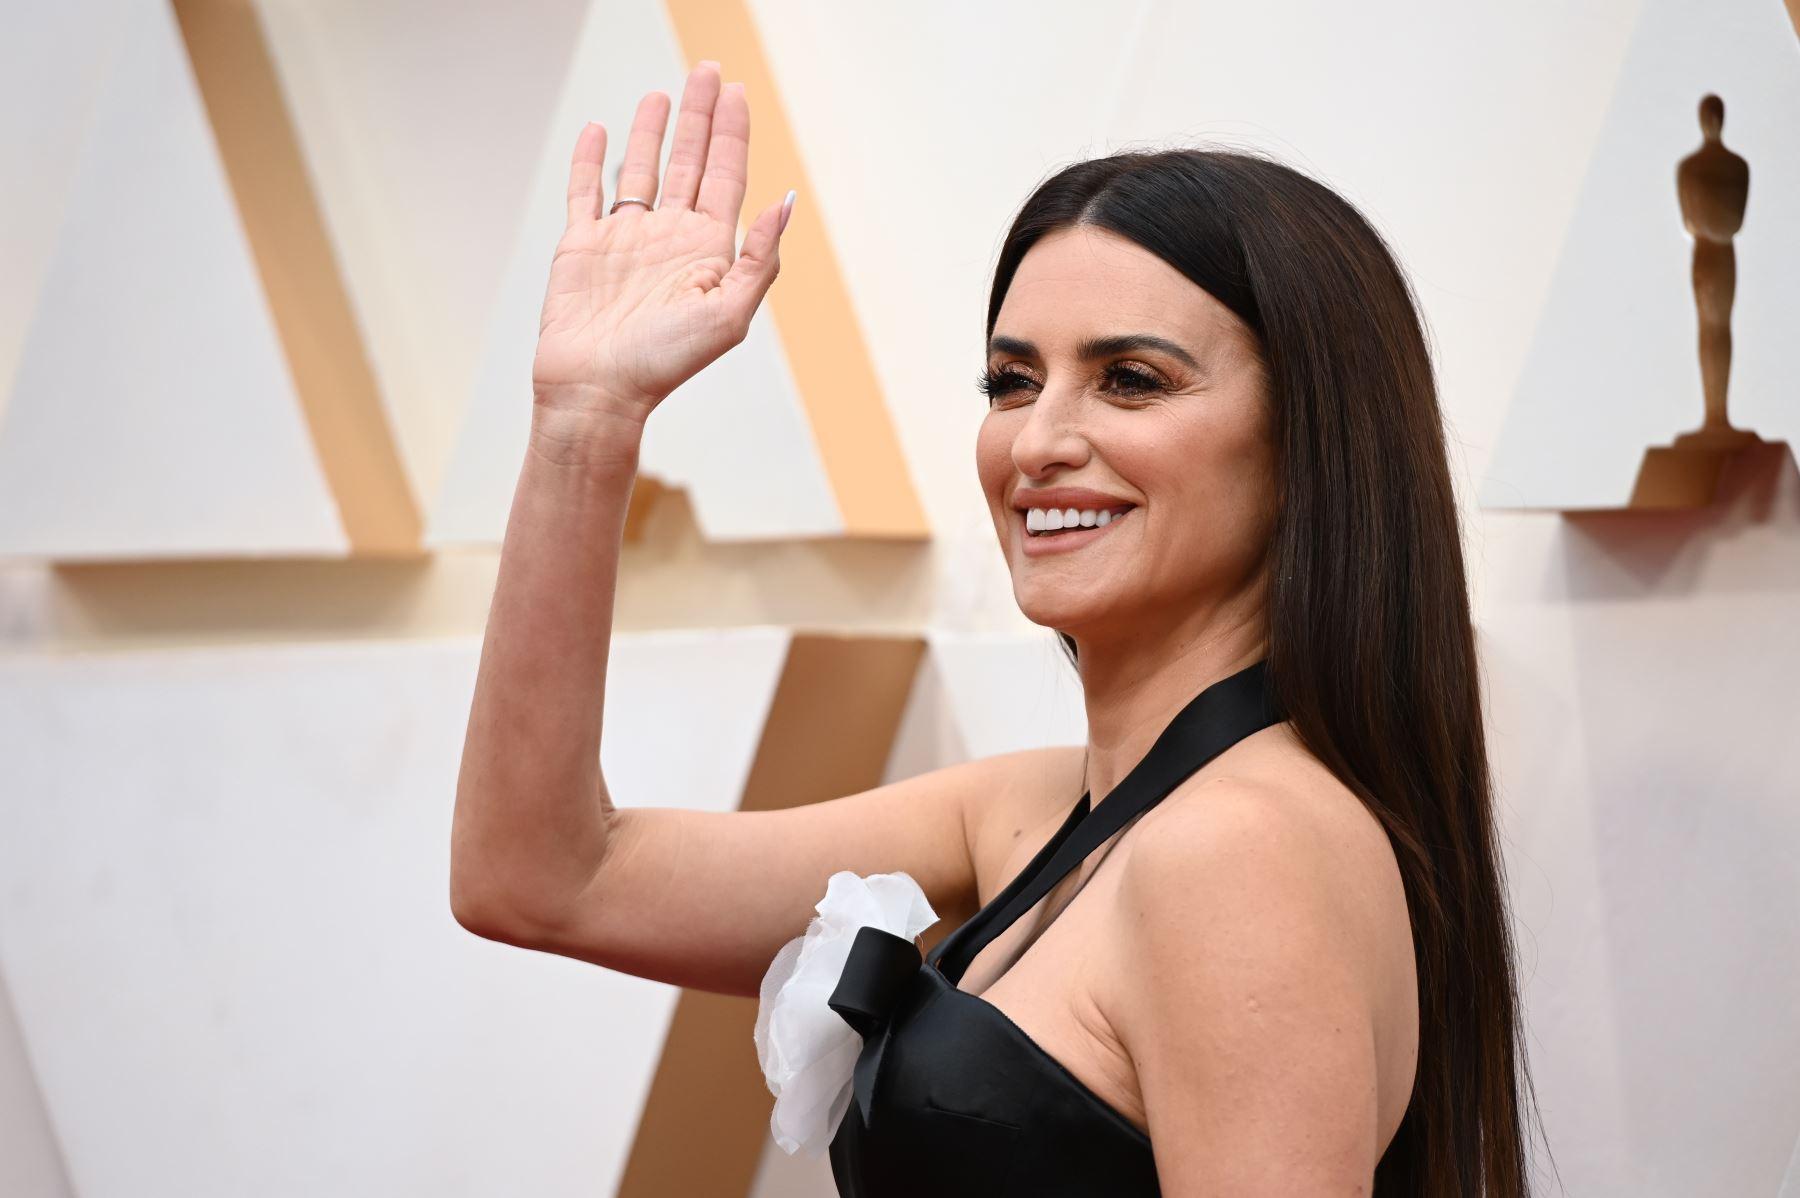 La actriz española Penélope Cruz llega para los 92o Oscar en el Dolby Theatre de Hollywood, California. Foto: AFP